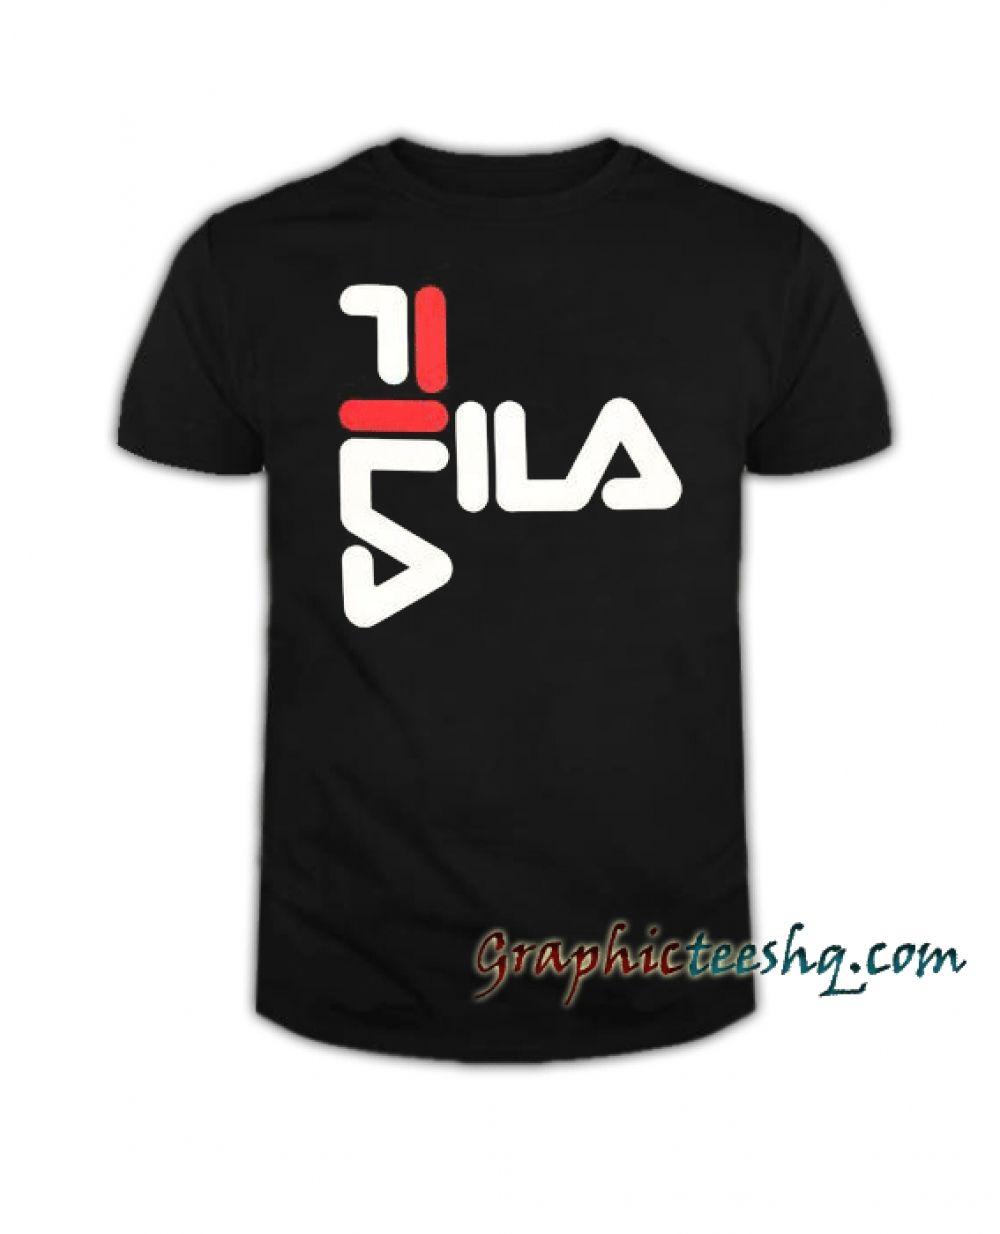 ca59ff10b6 FILA Anthony Mens Black Tee Shirt Price: 13.50 #style #fashion #tshirts #tee  #tshirtdesign#instafashion #black #cute #art #amazing#funny #webstagram  #lol ...